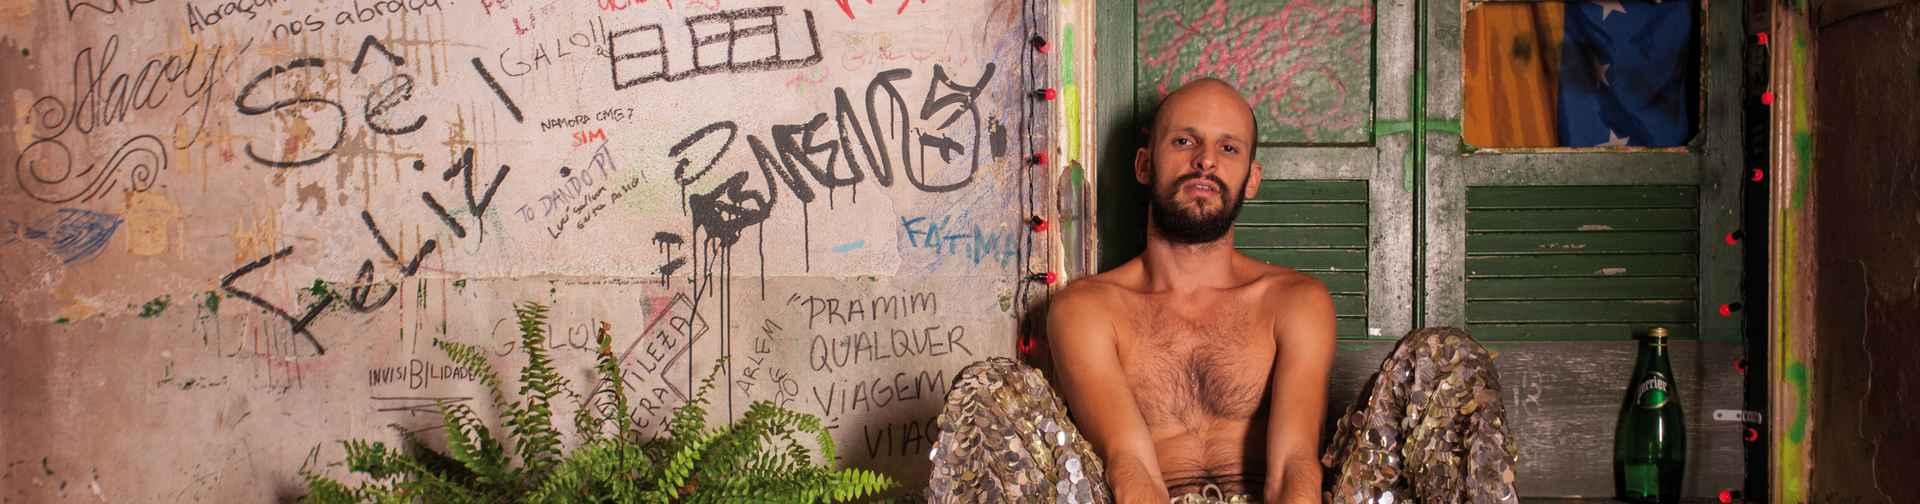 Espetáculo Narciso deu um grito, de Marcelo Veronez